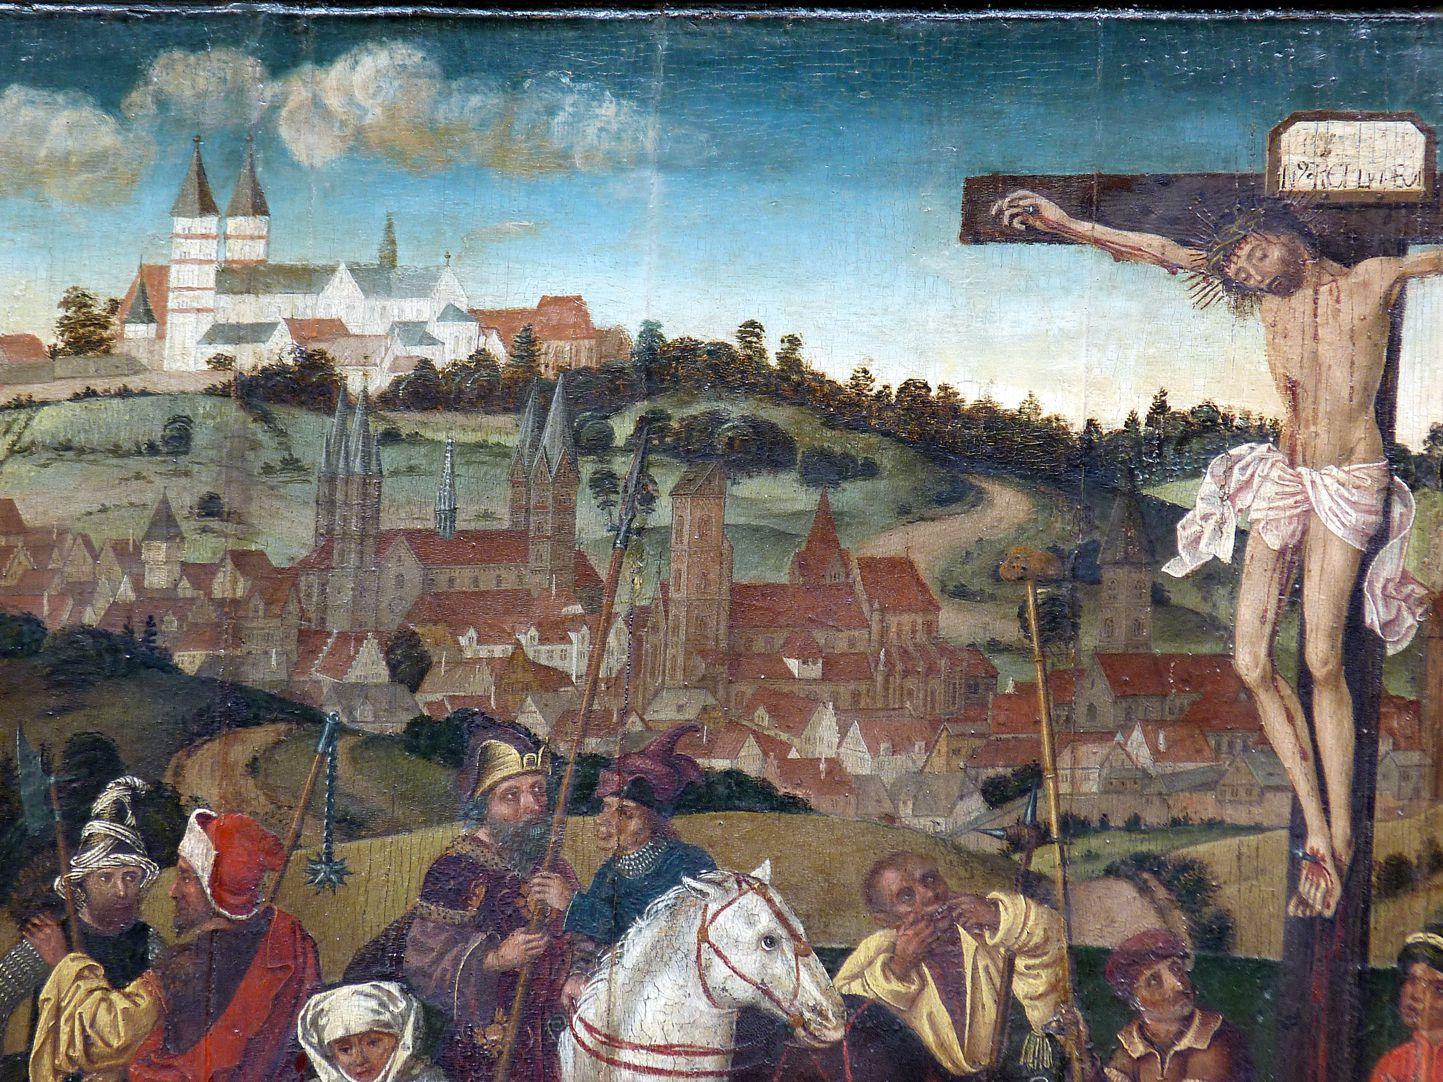 Epitaph für Barbara Tucher Panorama der Stadt Bamberg links vom Gekreuzigten mit  (von oben nach unten) Michaelsberg, Dom und Obere Pfarre